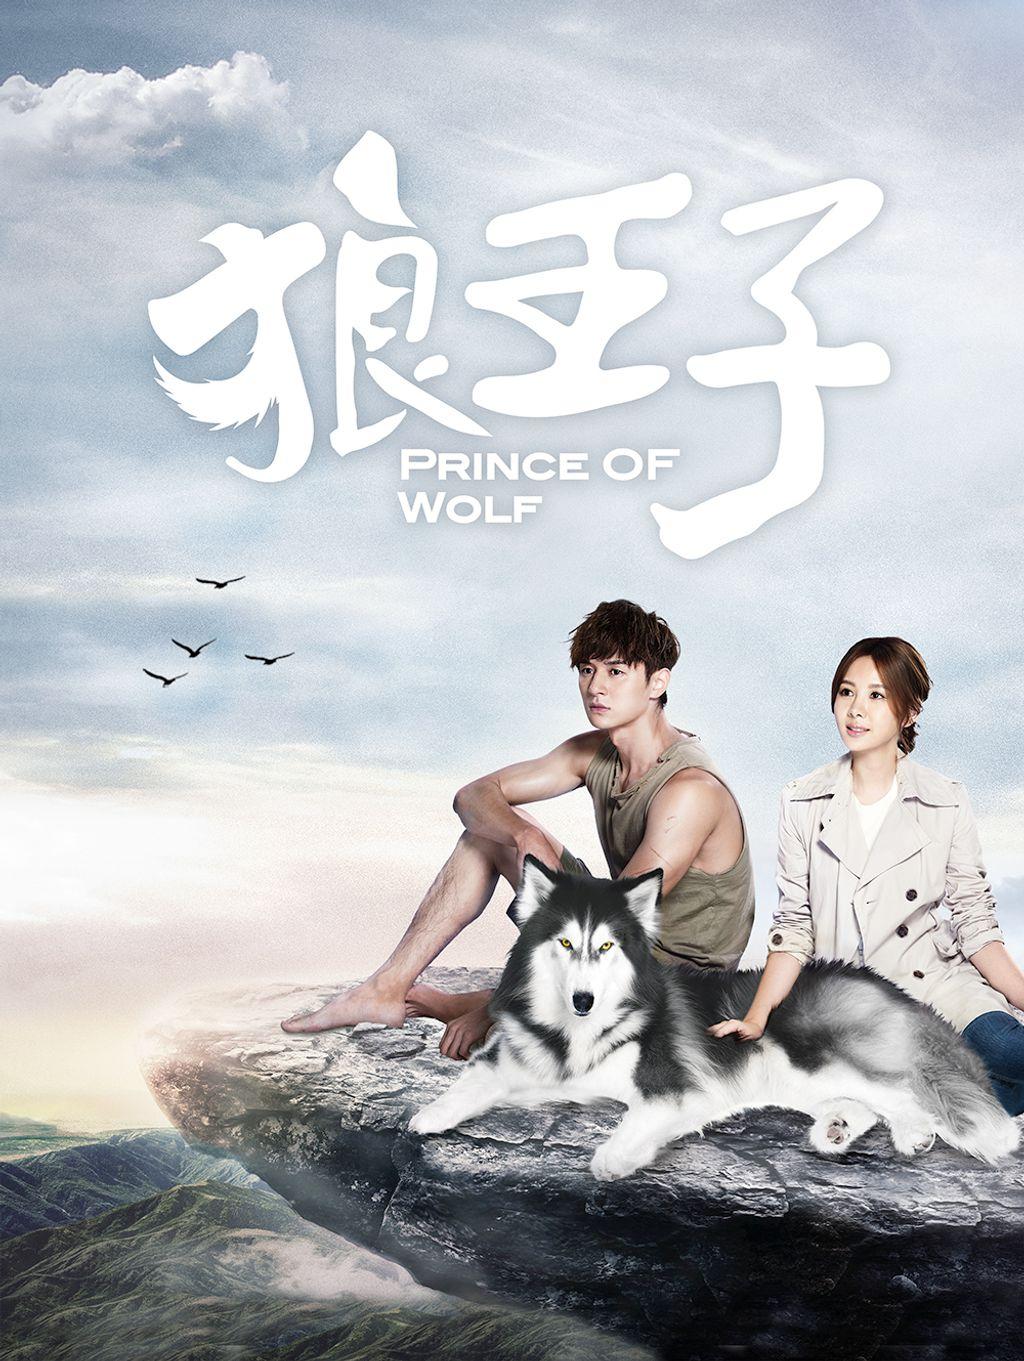 狼王子第1集|免費線上看|臺劇|LINE TV-精彩隨看